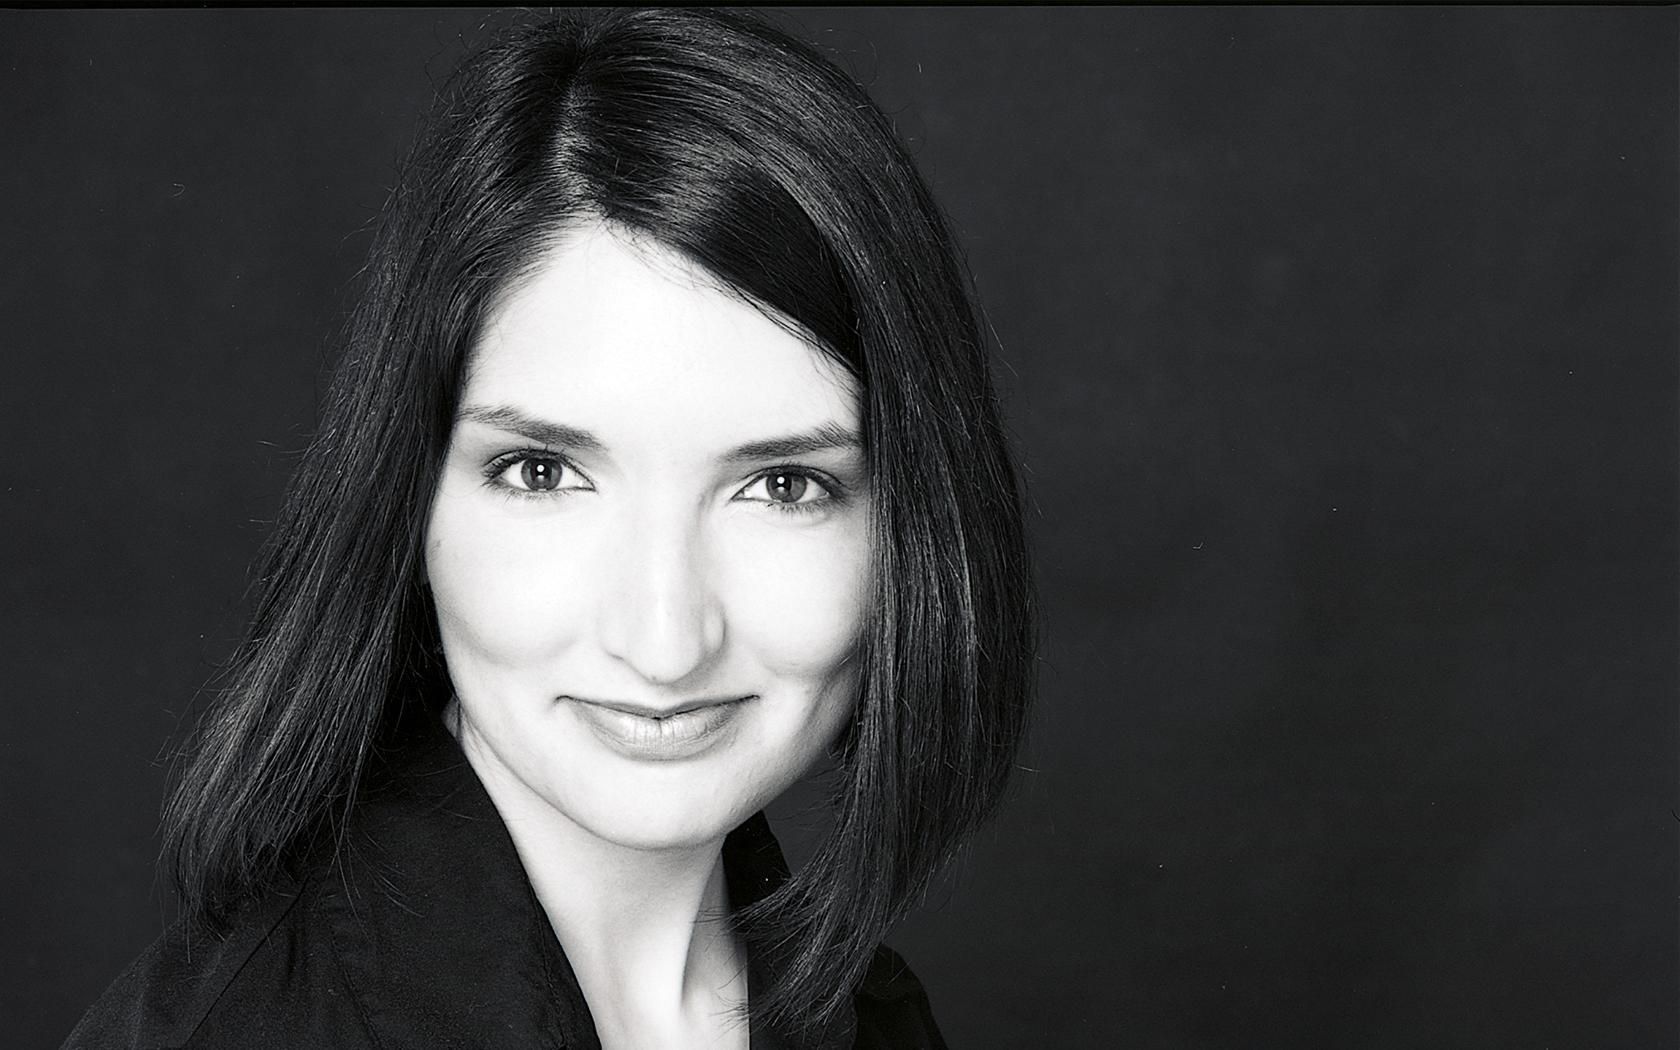 Emma Alvarez